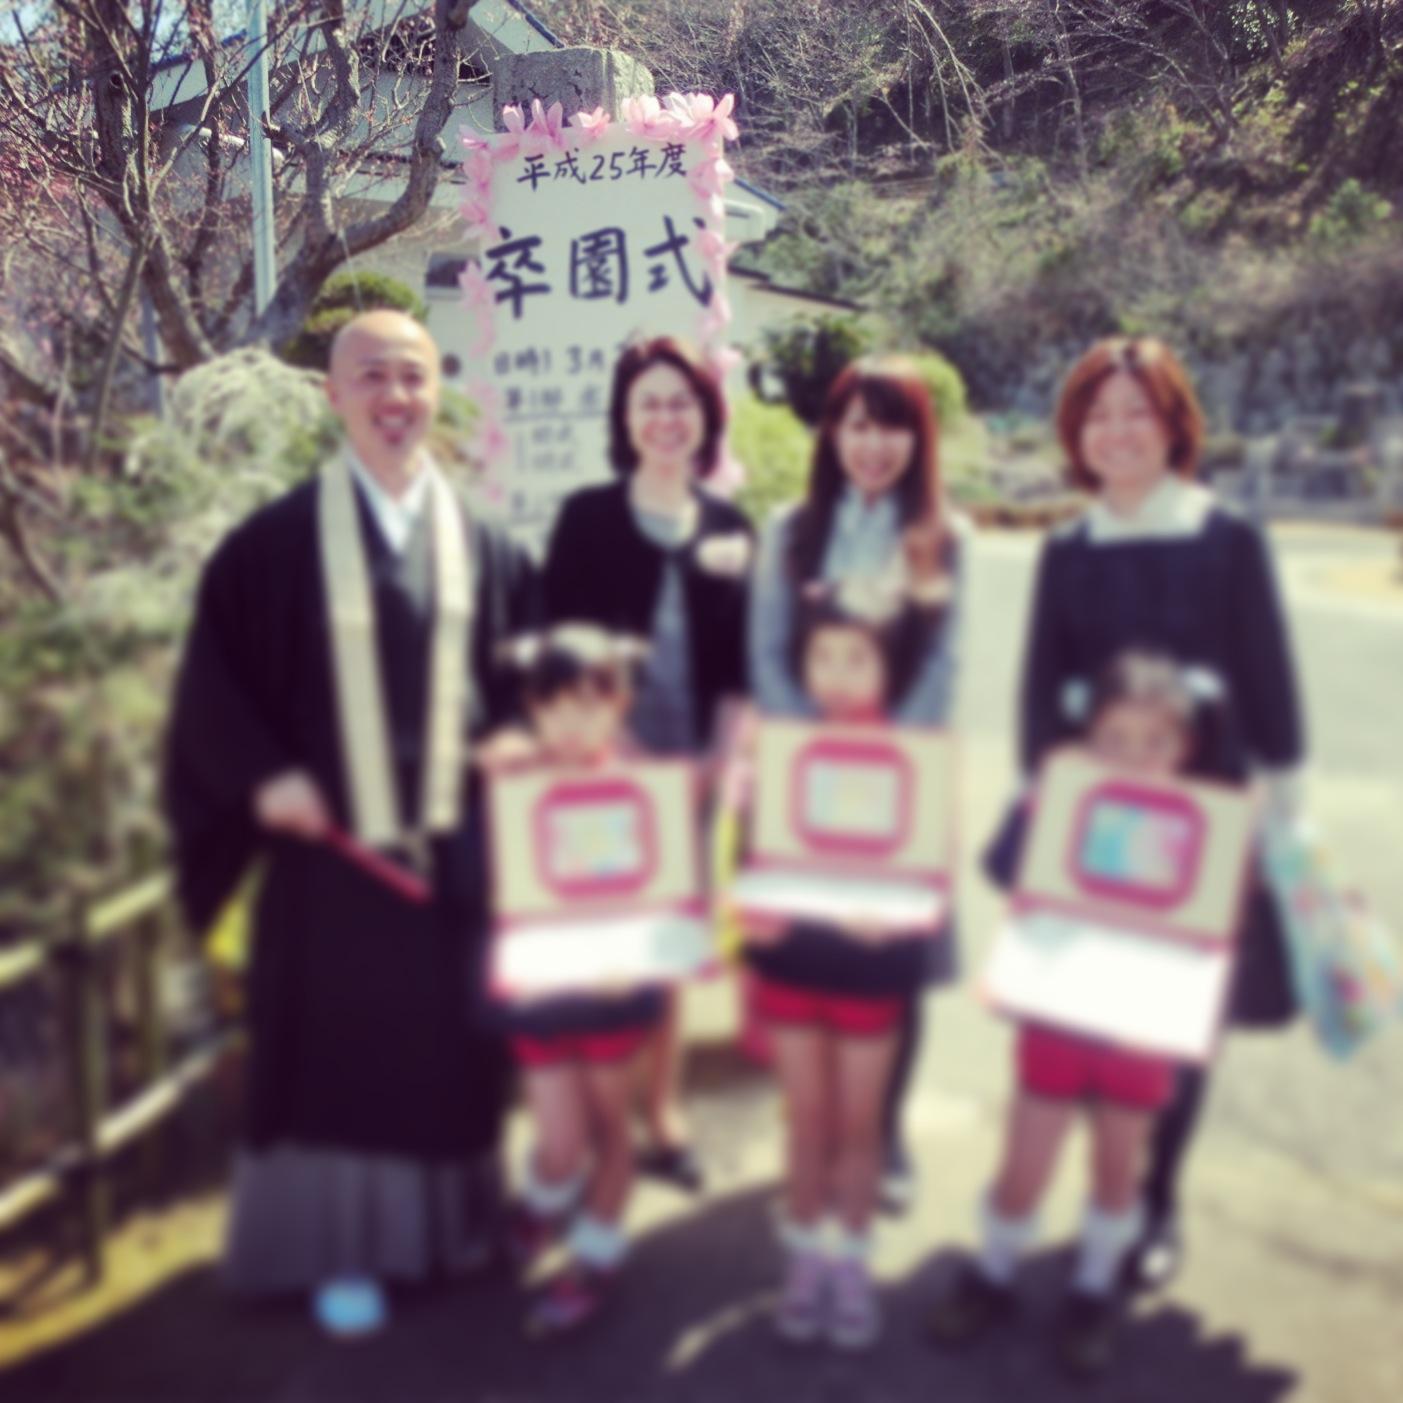 平成25年度楽生保育園寿光幼稚園卒園式 みんな生まれてくれてありがとう_b0188106_00490936.jpg